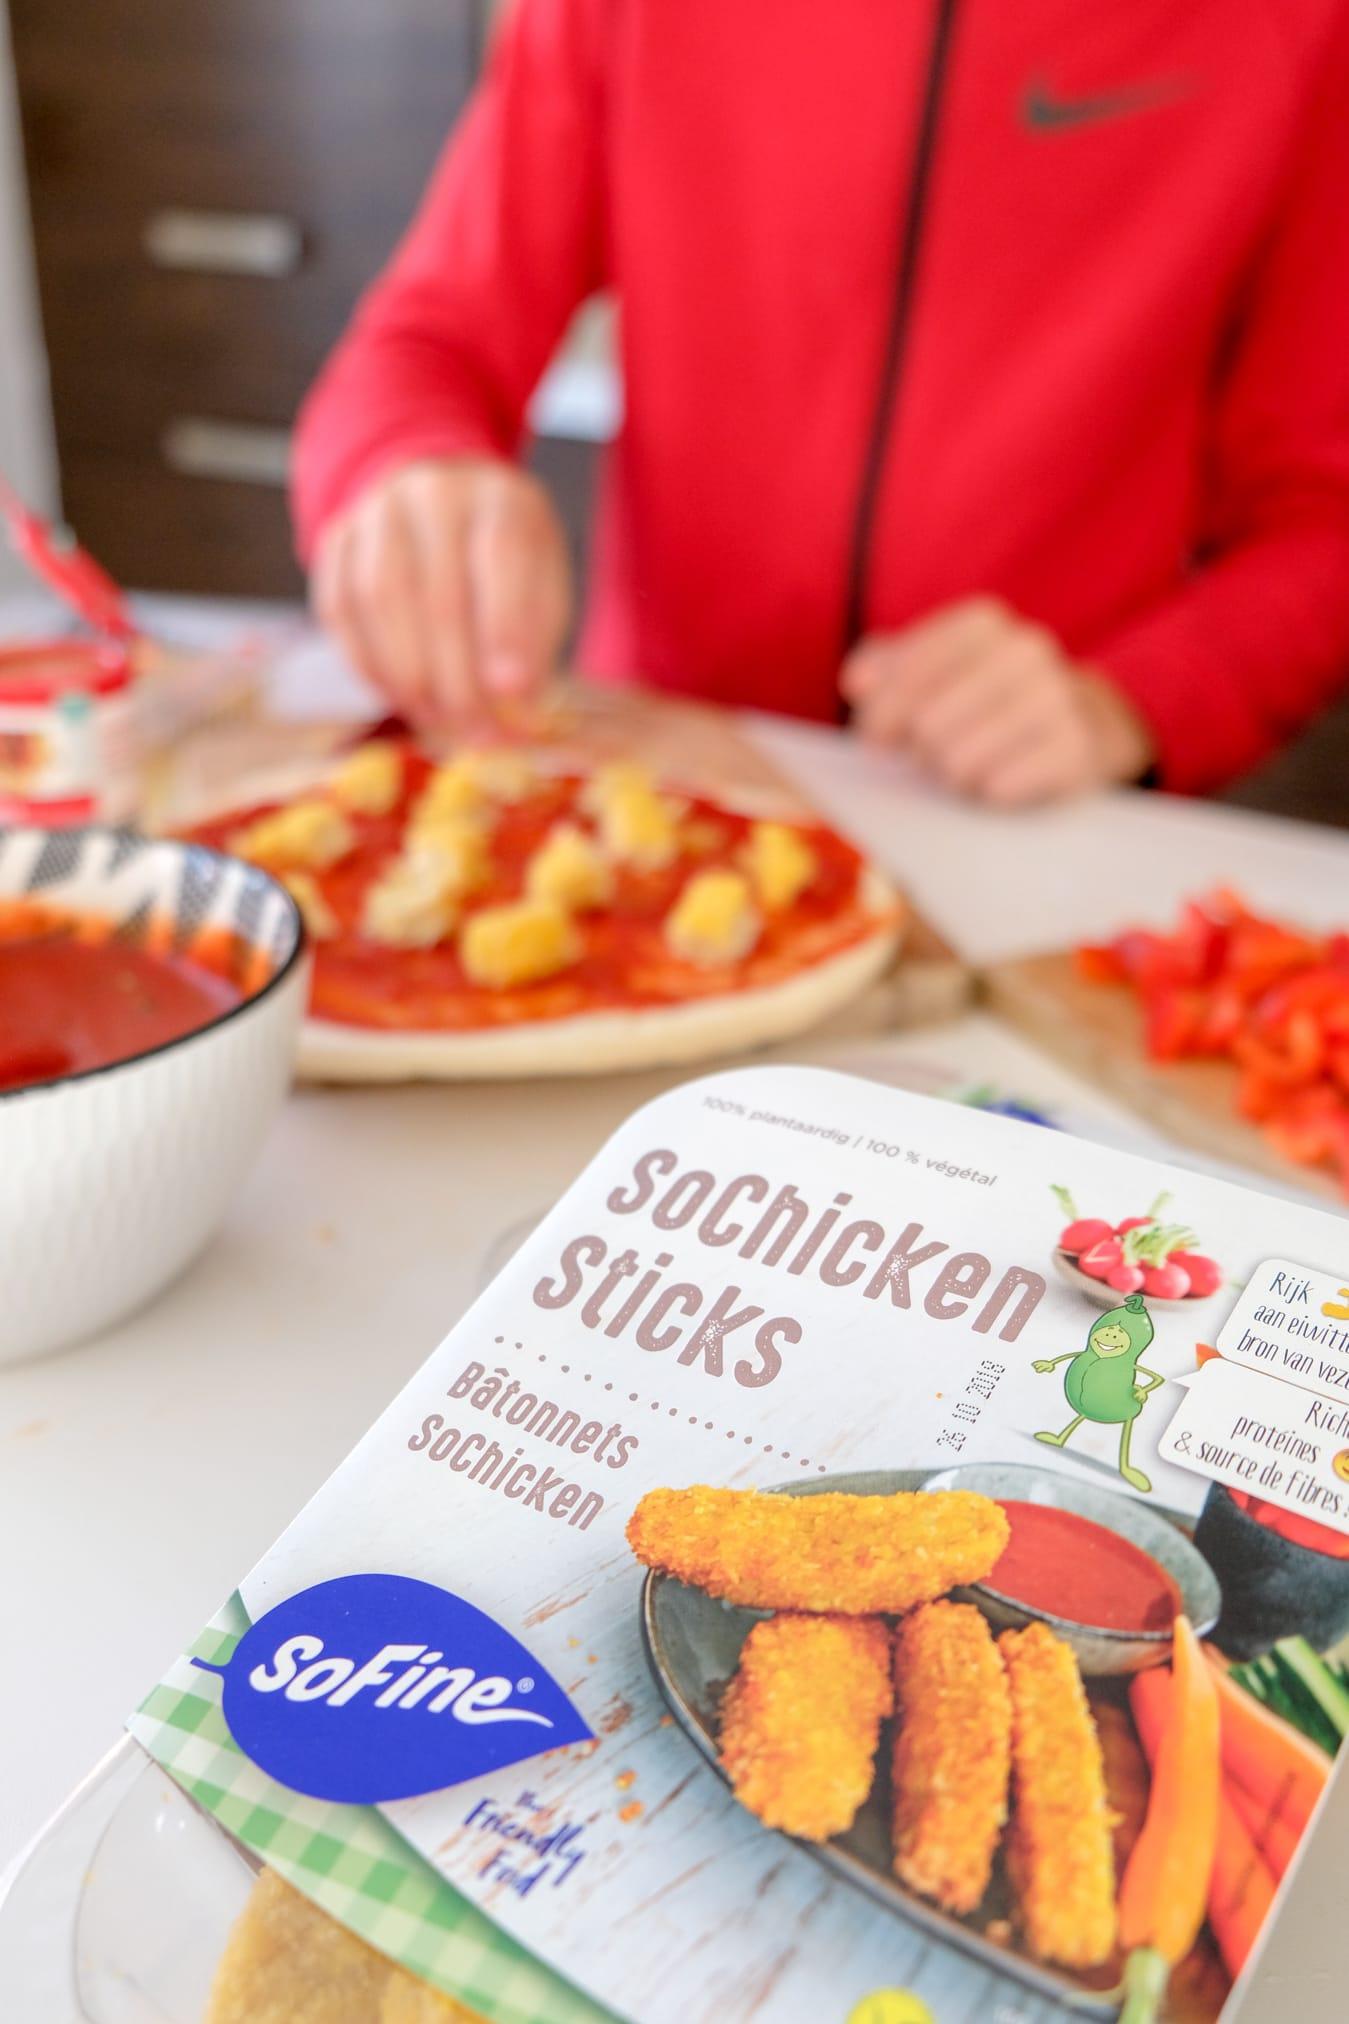 sofine sochicken sticks pizza